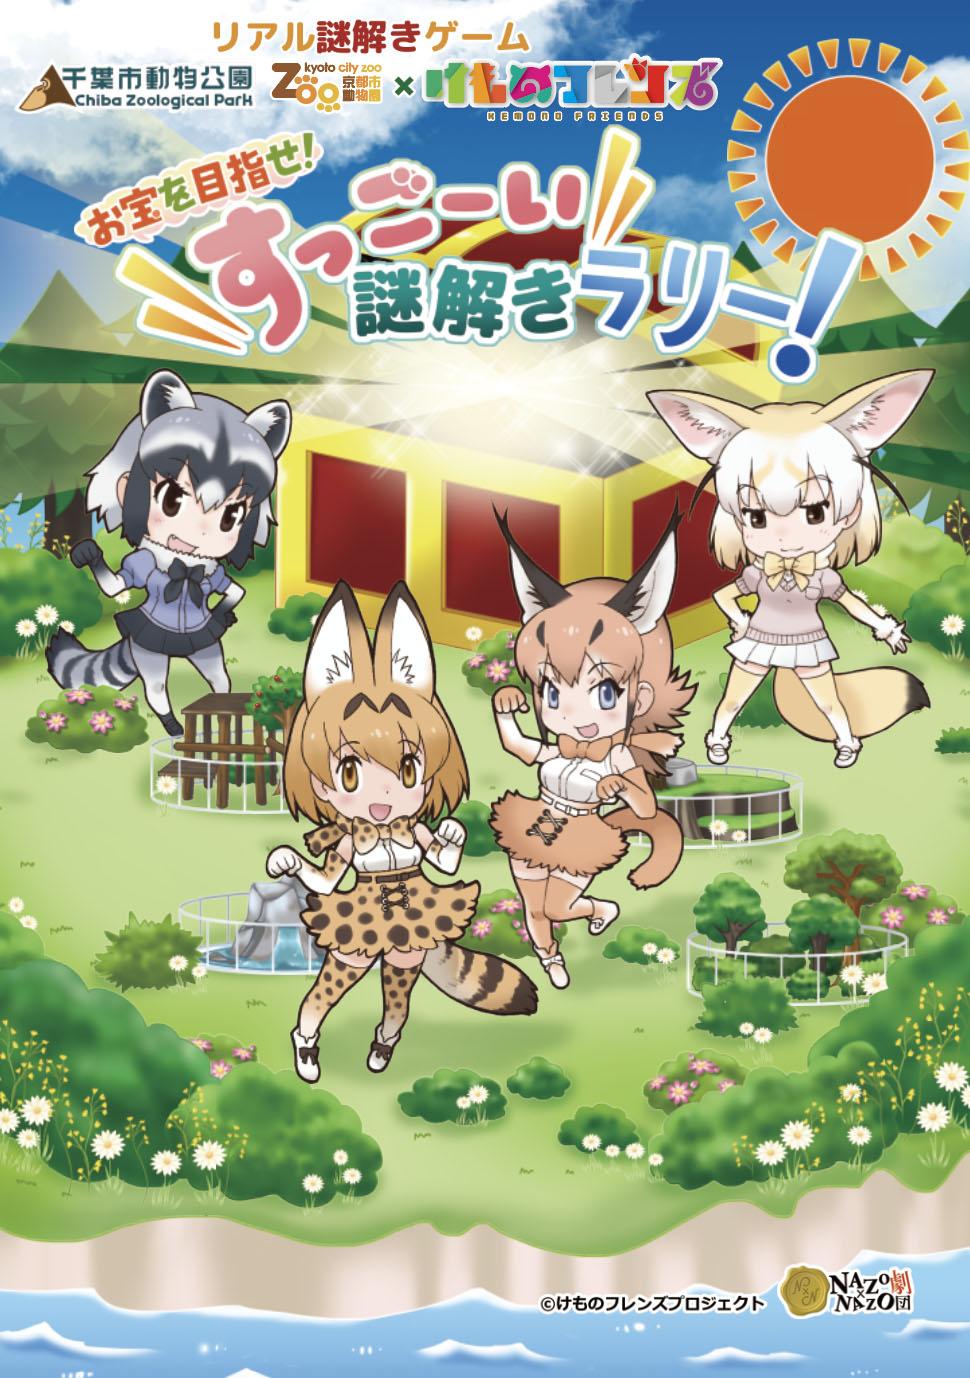 千葉市動物公園&京都市動物園が「けものフレンズ」とコラボ!